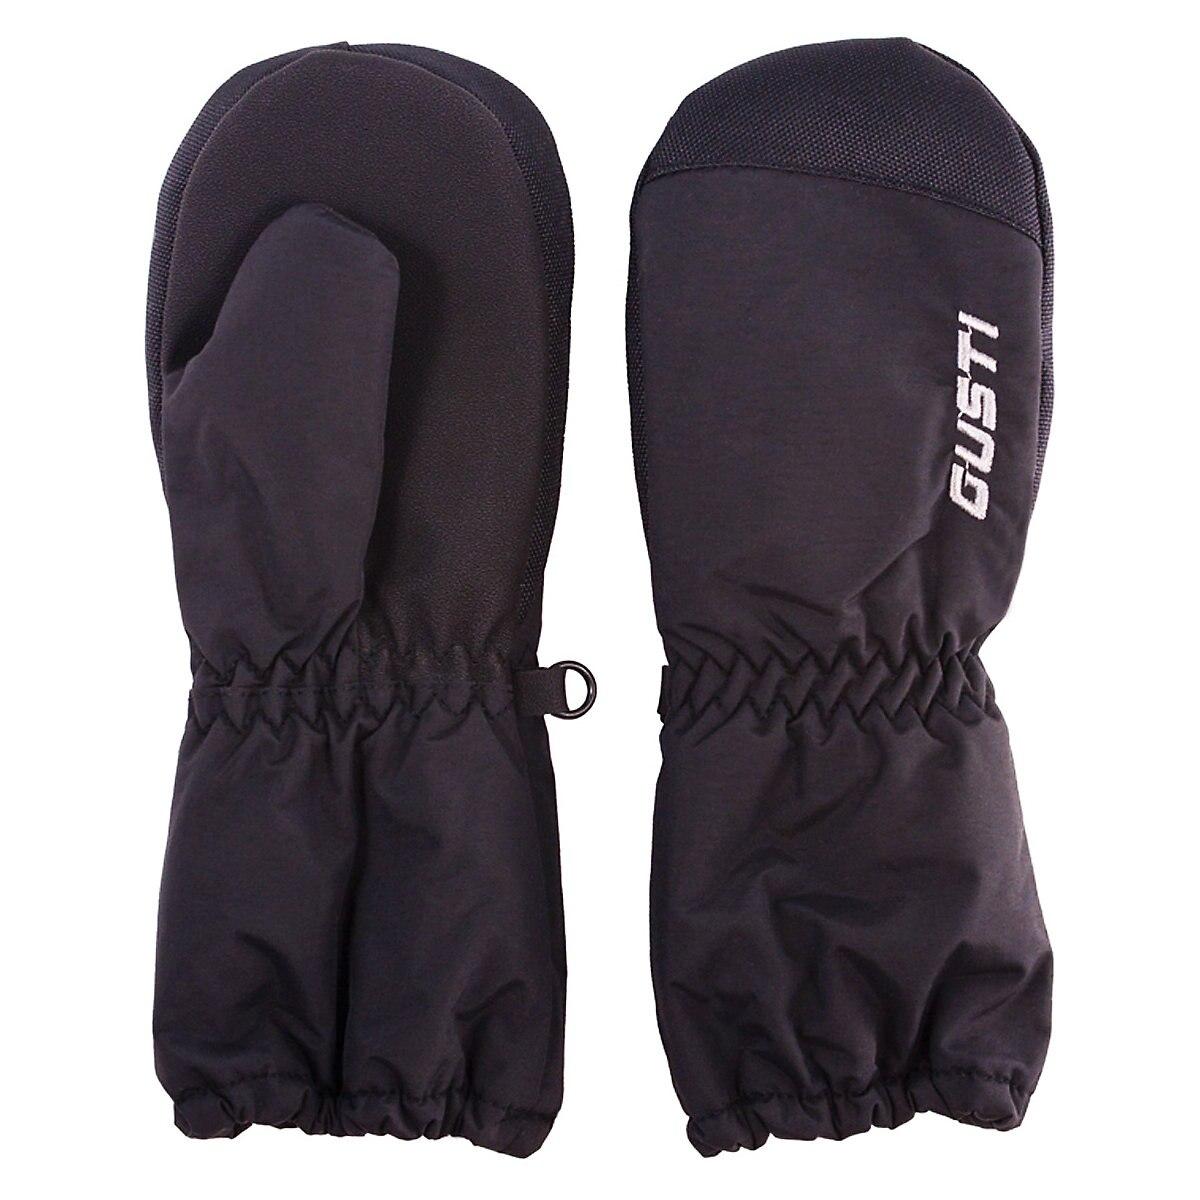 Guantes y manoplas gugugusti 9511836 guante mittenclothes para niños niñas niño niños invierno MTpromo